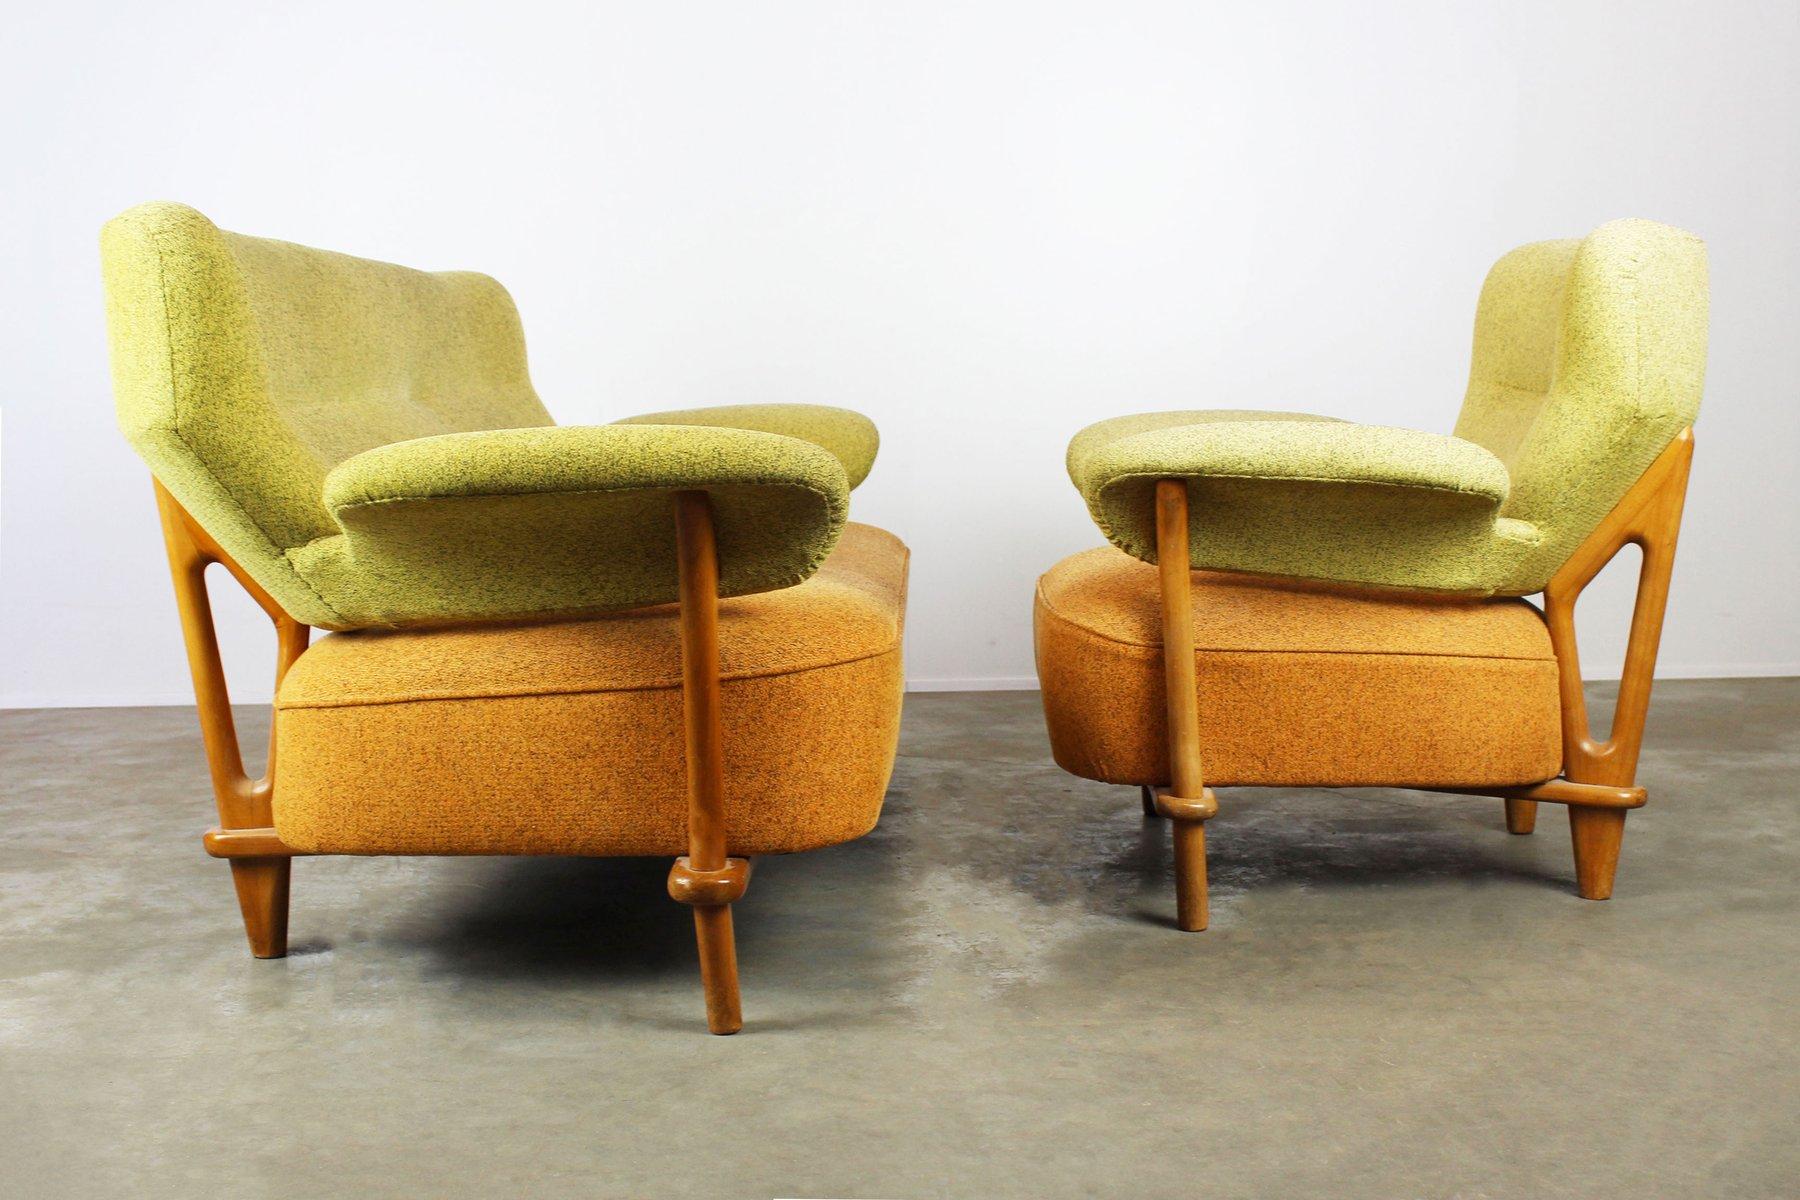 f109 sitzgruppe mit sessel sofa von theo ruth f r artifort 1950 bei pamono kaufen. Black Bedroom Furniture Sets. Home Design Ideas